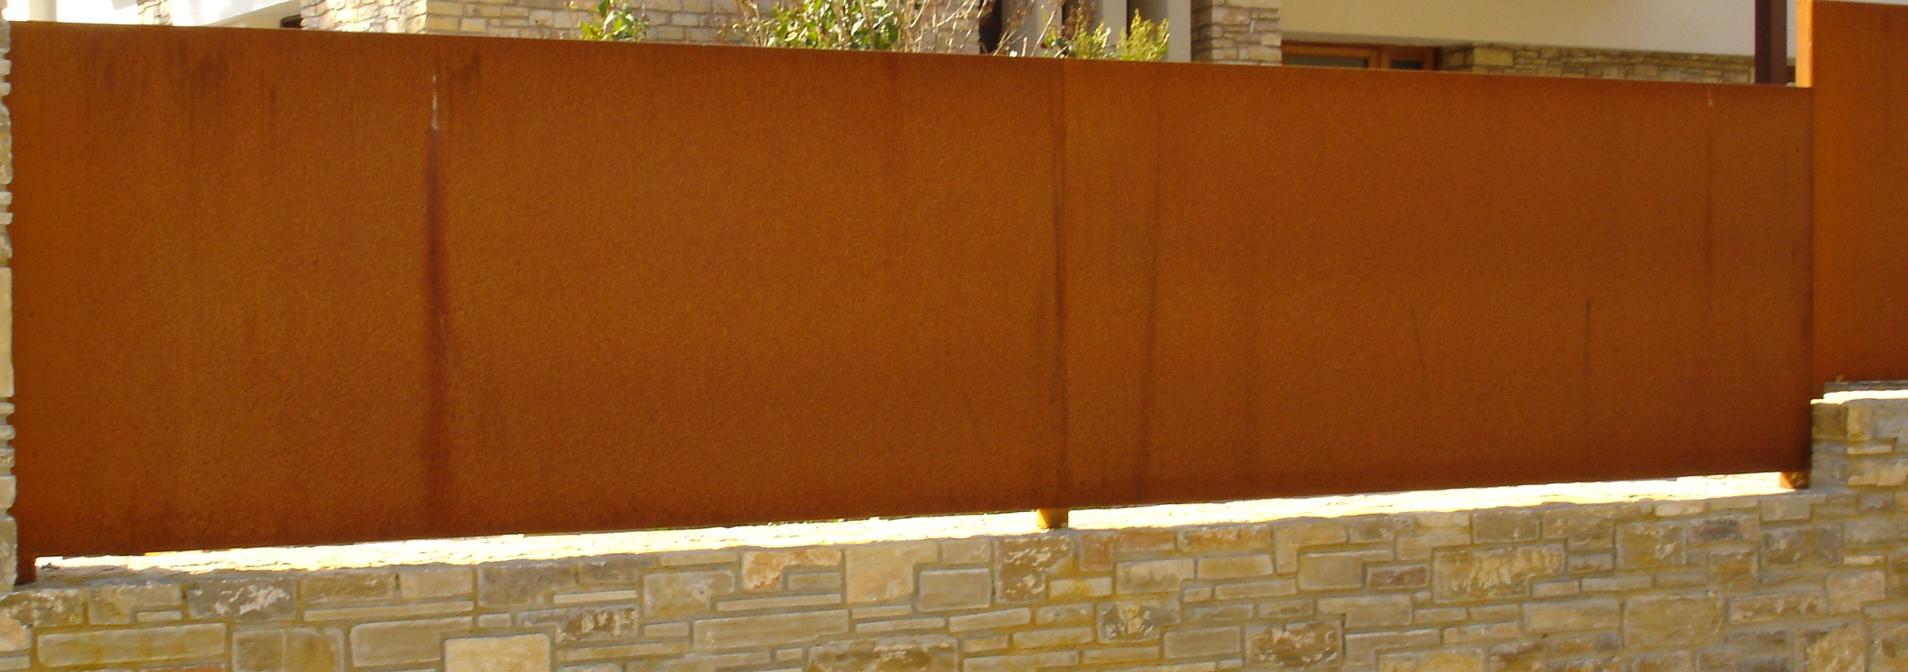 Grupo inoxmetal construcciones met lica - Acero corten fachadas ...